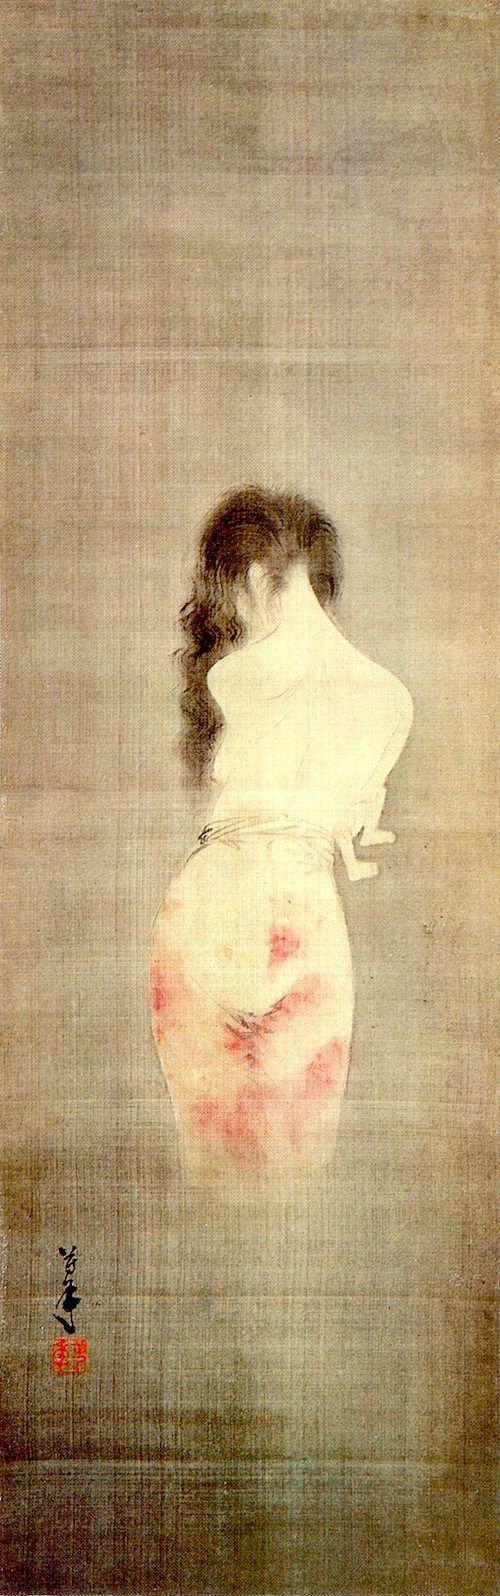 月岡芳年の幽霊画